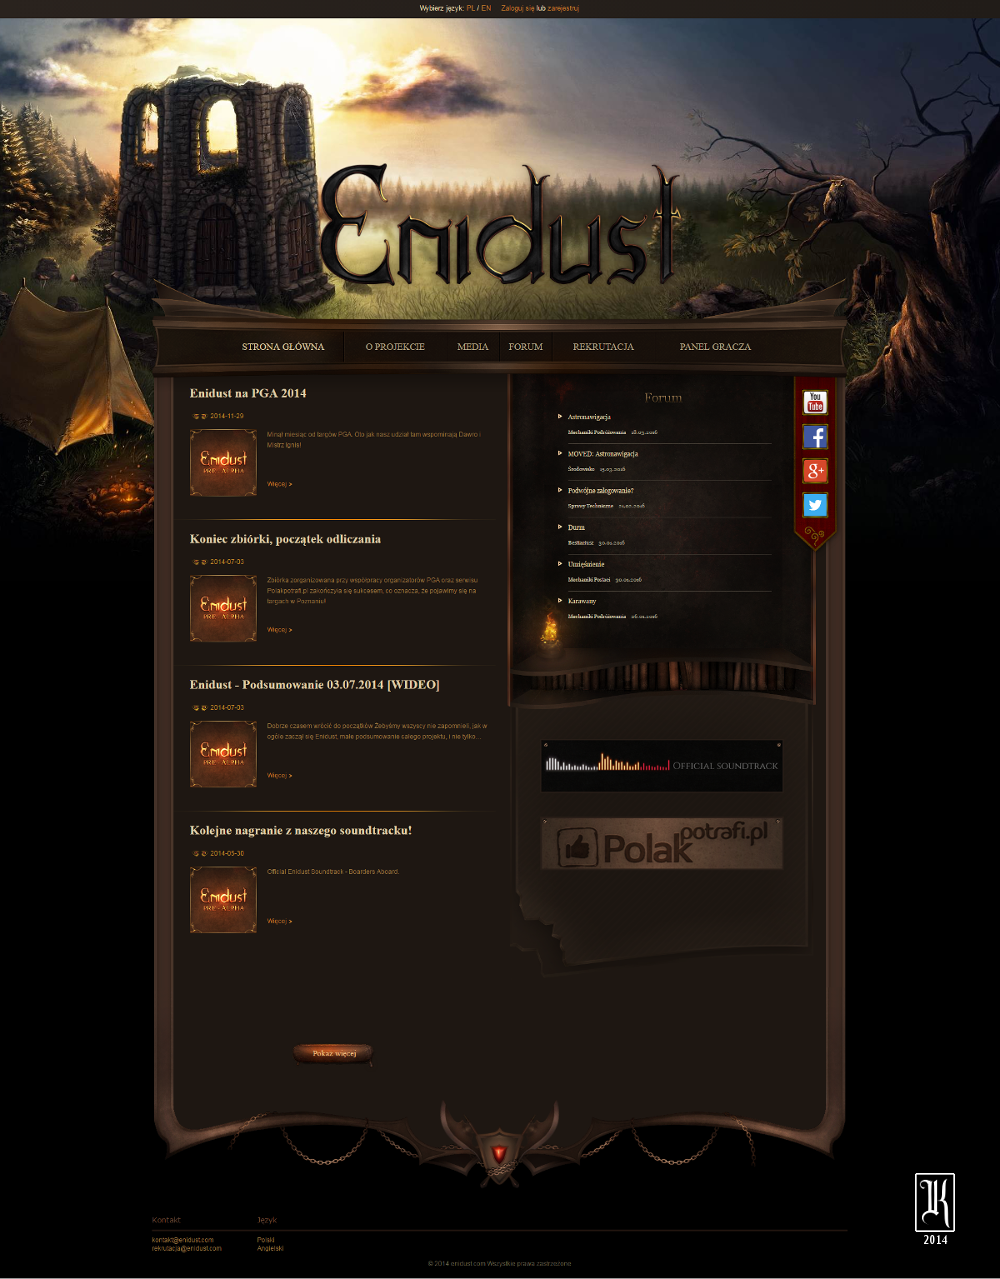 Druga oficjalna wersja strony Enidust